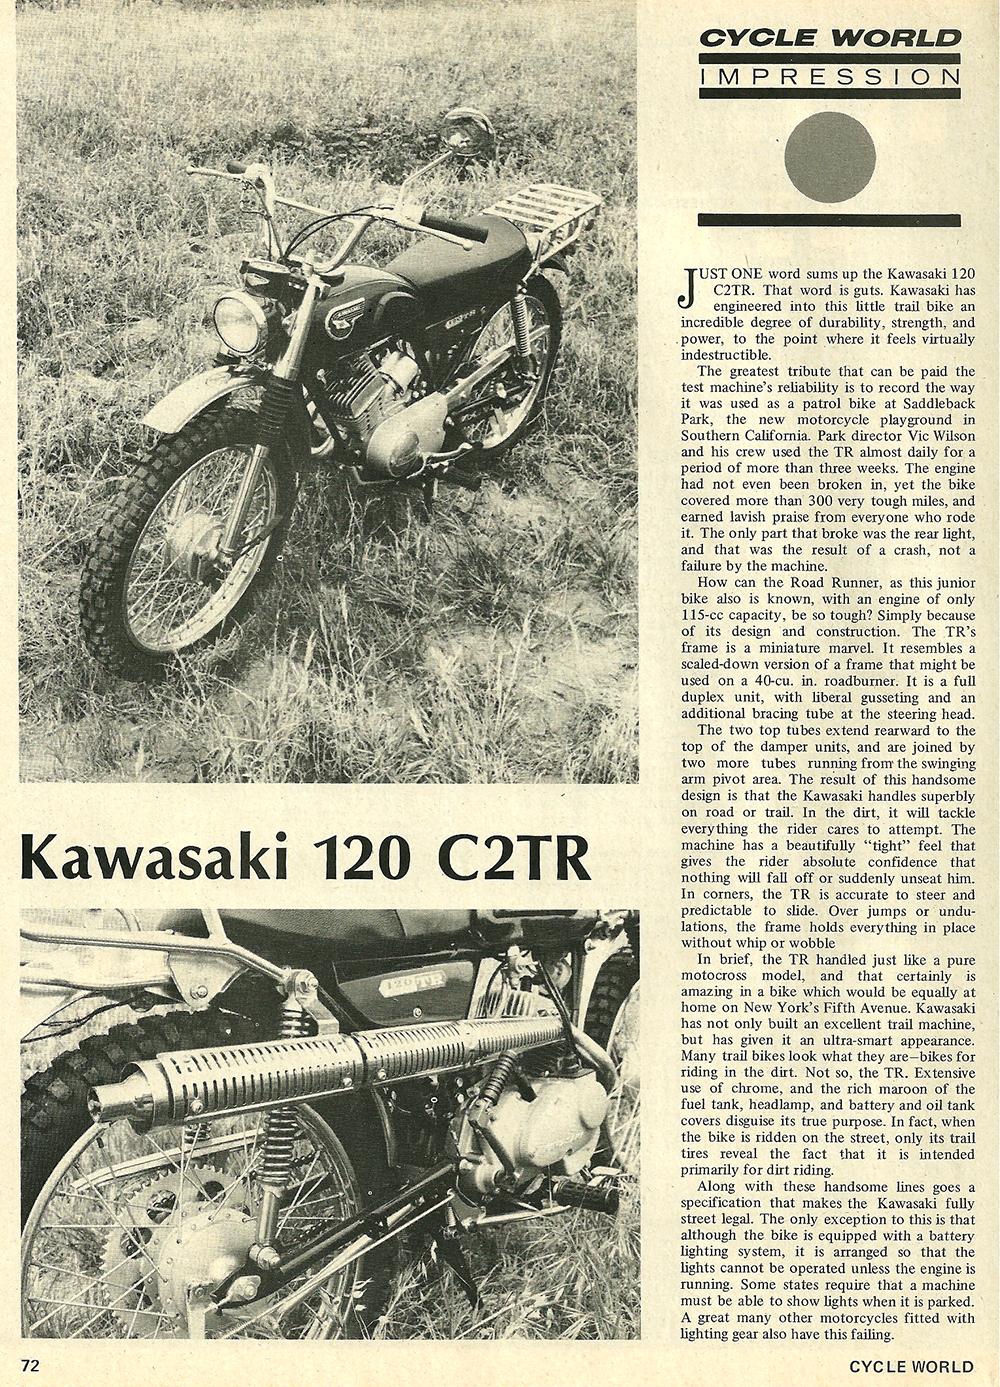 1968 Kawasaki 120 C2TR road test 01.jpg